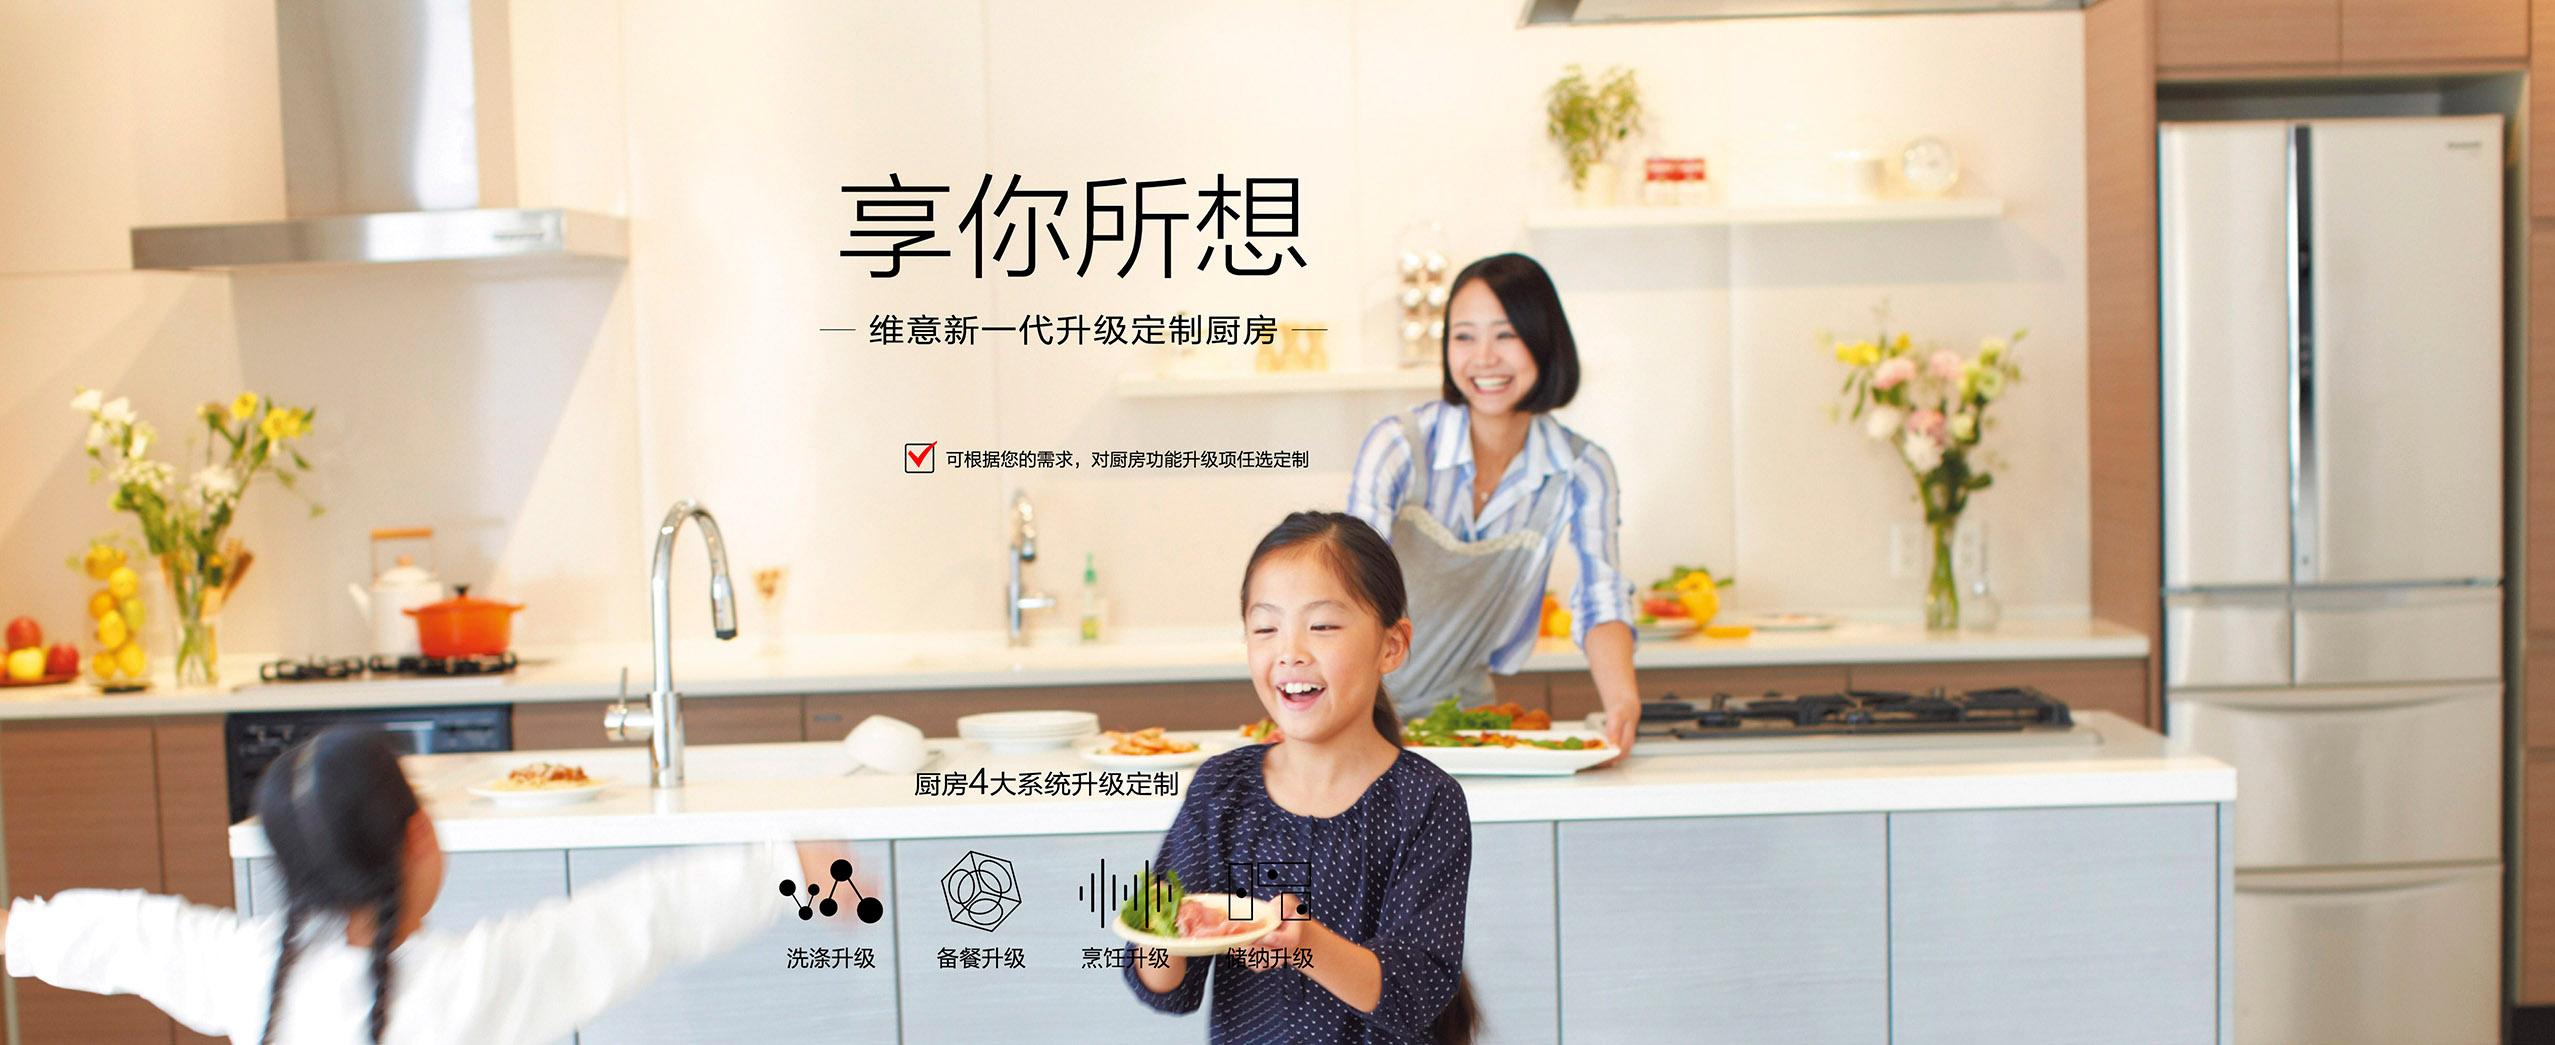 维意全屋配齐,新一代升级定制厨房